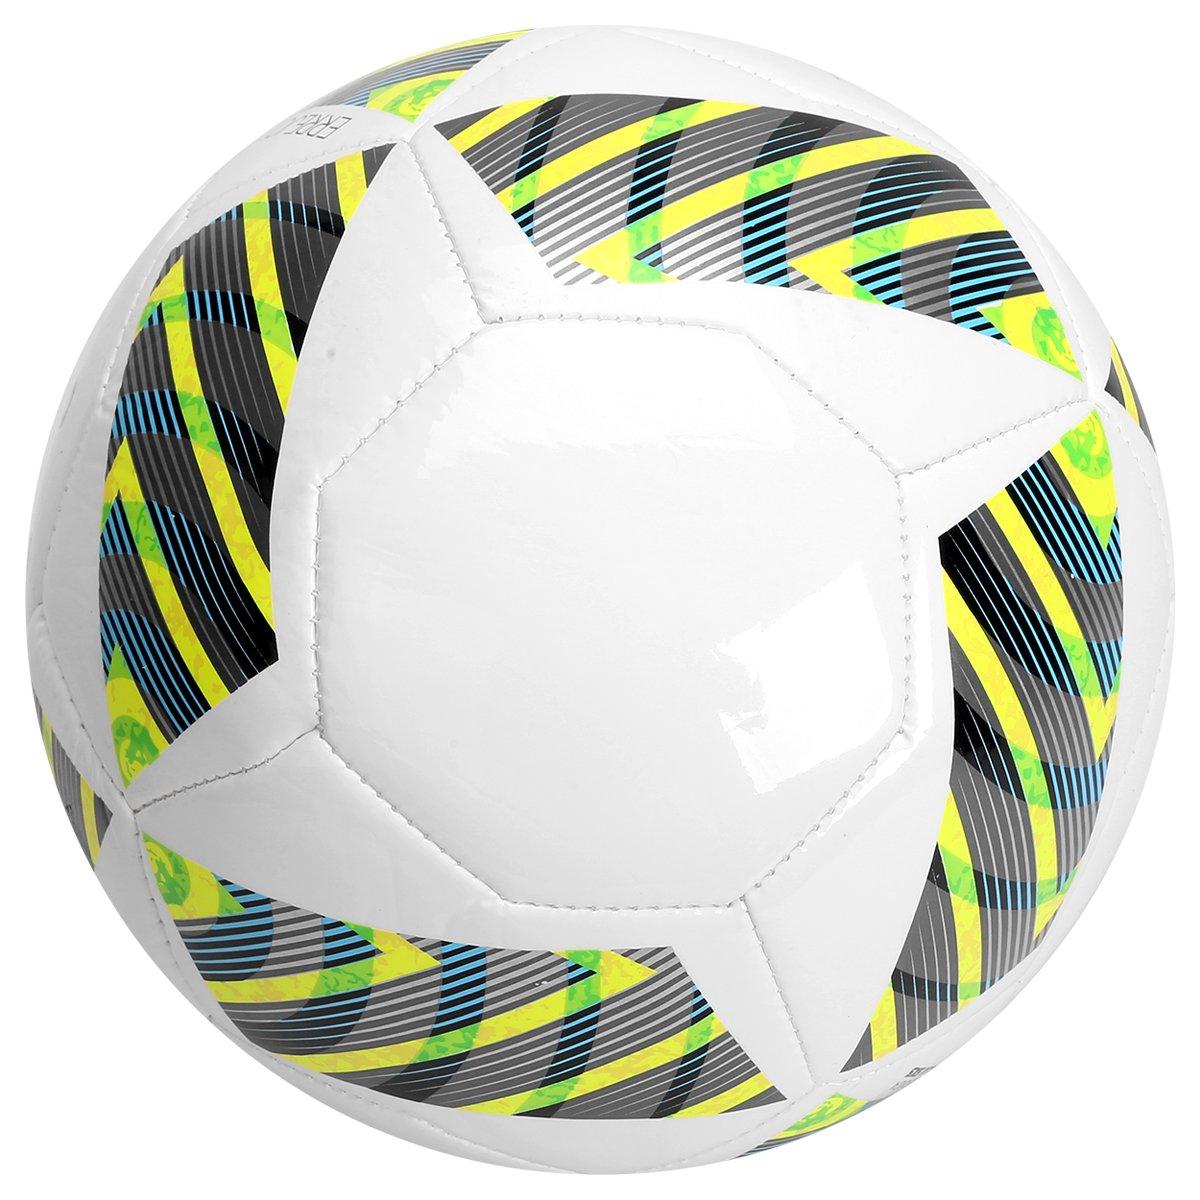 4e06f7bb14 Bola Futebol Adidas Errejota Fifa Sala 5X5 - Compre Agora